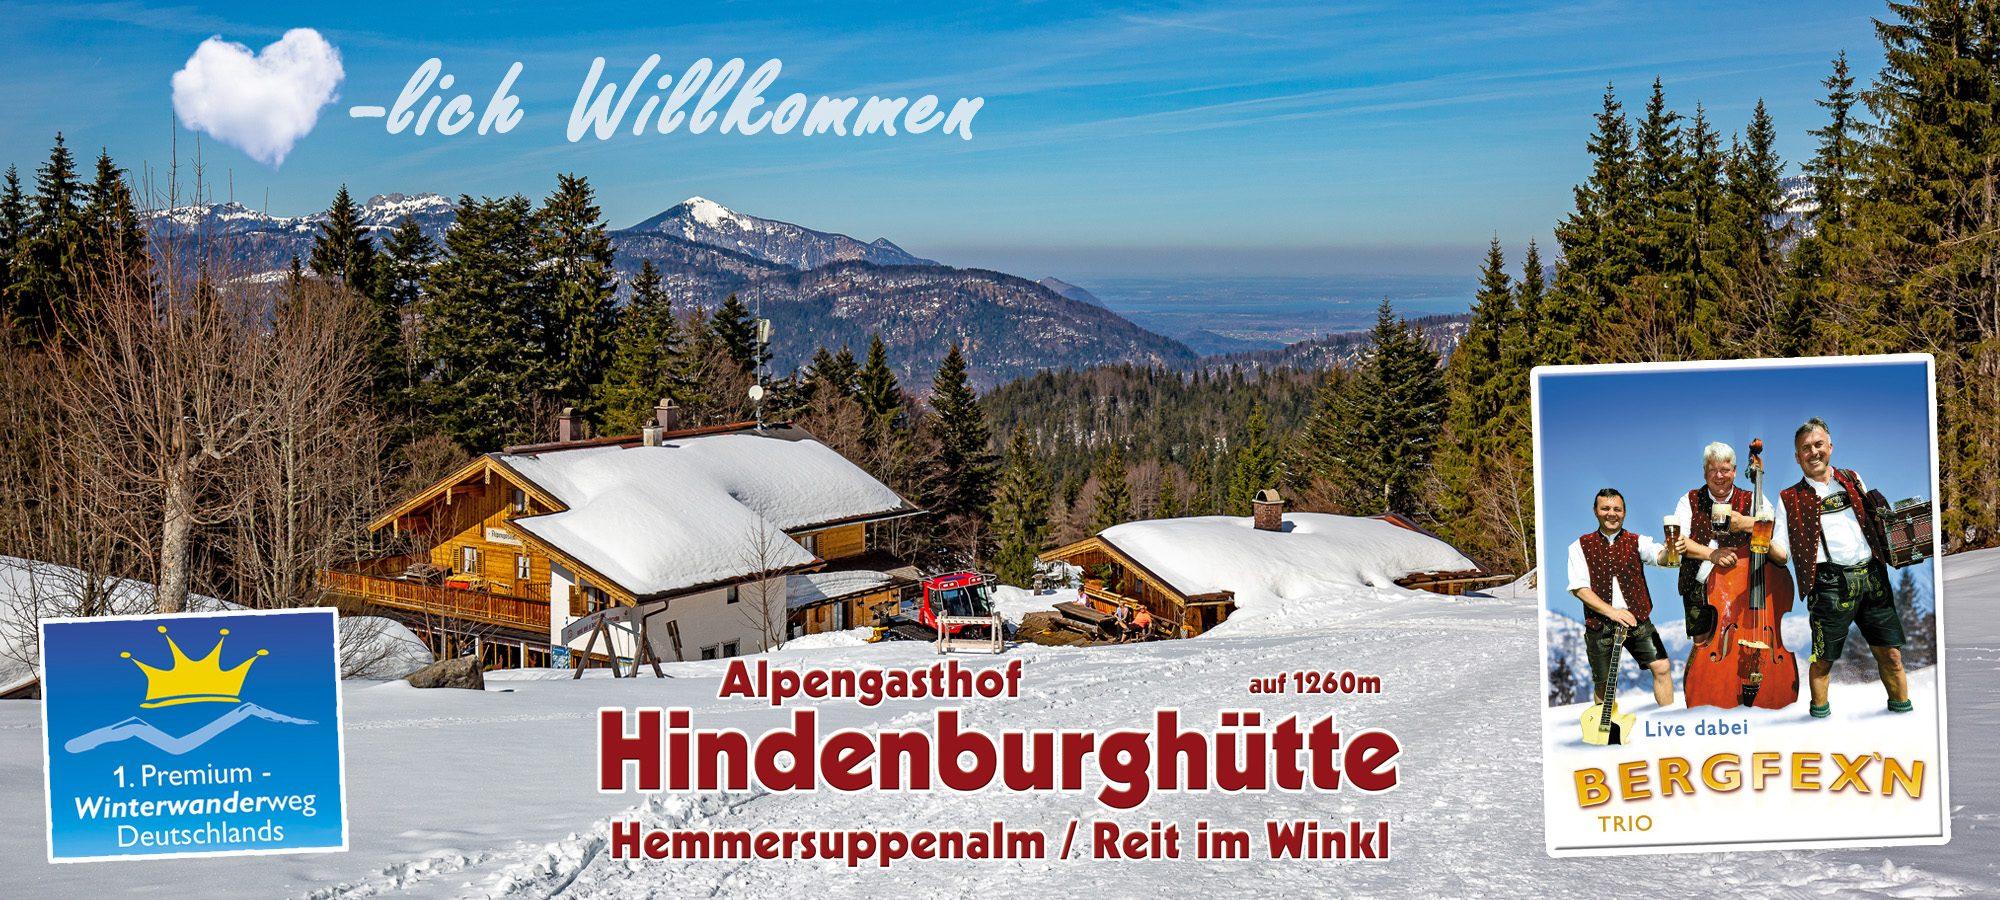 Alpengasthof Hindenburghütte